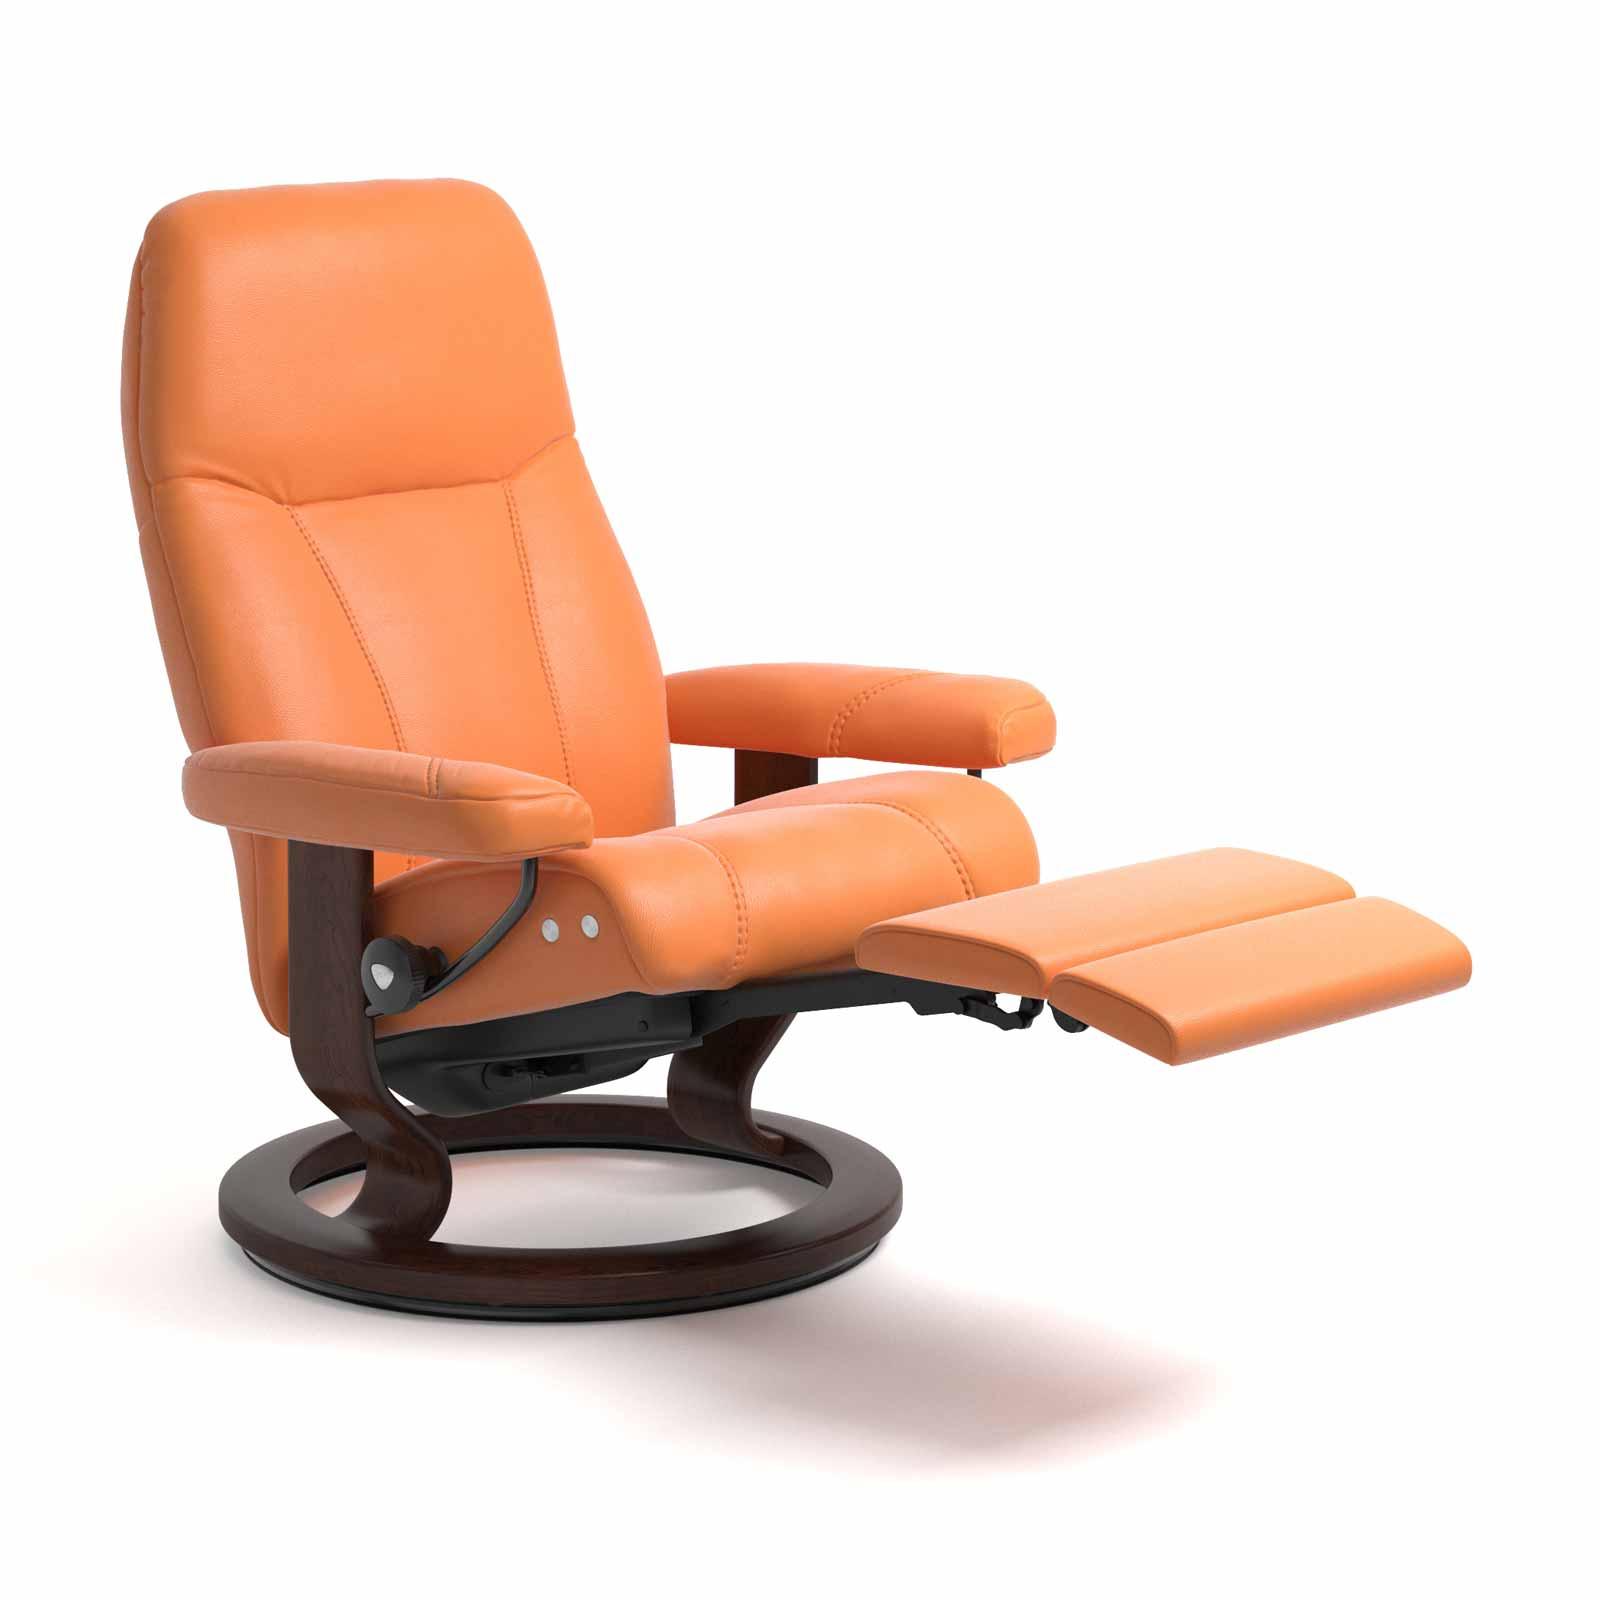 Stressless Sessel CONSUL LegComfort Leder Paloma Apricot Orange